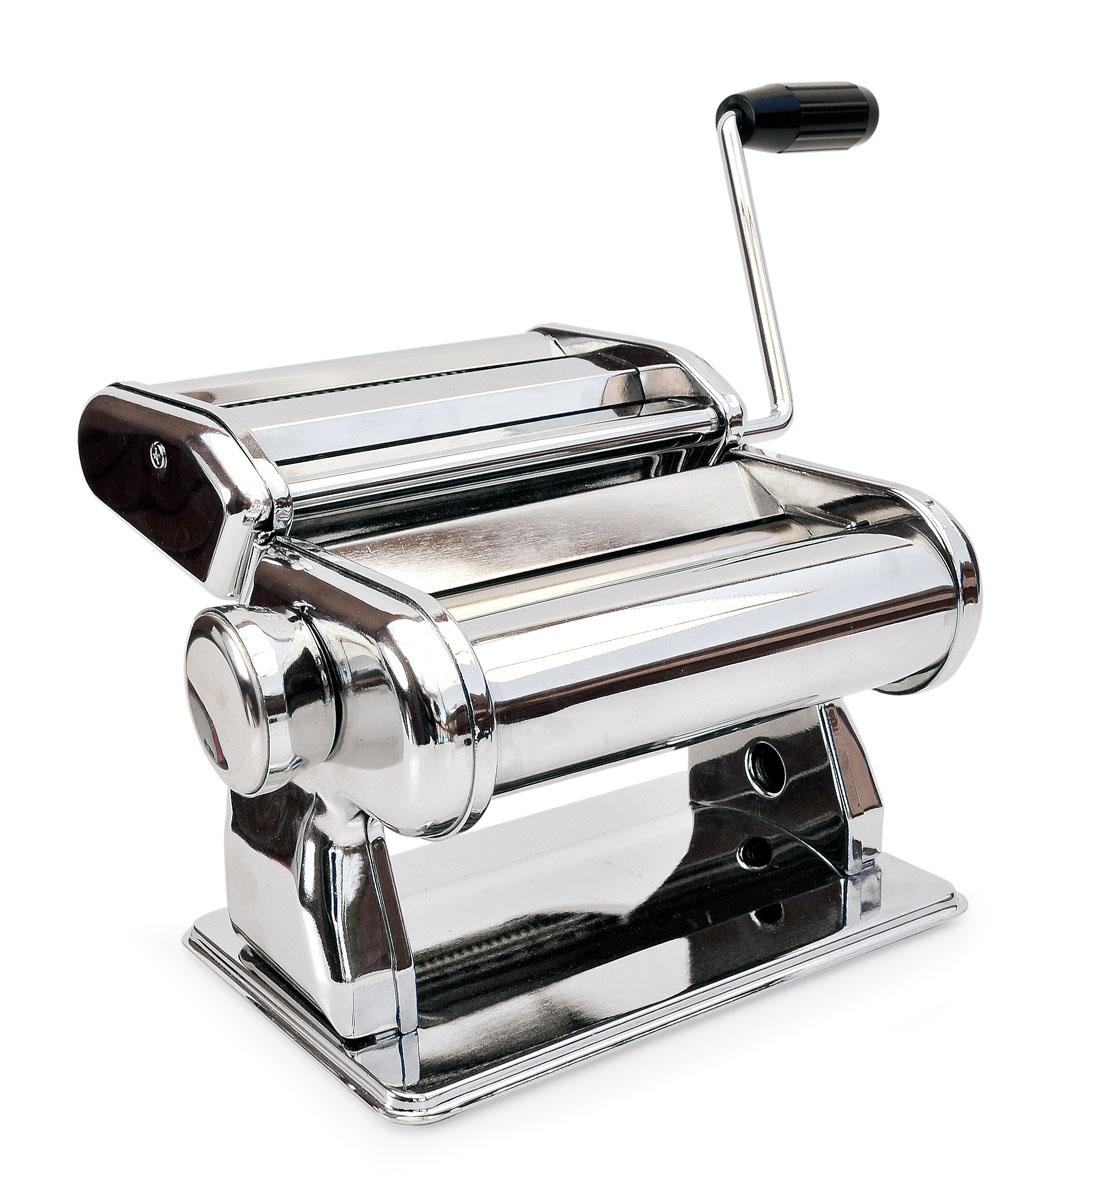 Машинка для приготовления лапши (ручная) PASTA MAKER3353-IМногофункциональная машинка «Pasta Maker» от IRIS (Испания) предназначена для раскатывания теста и приготовления домашней лапши и спагетти. Она станет для вас незаменимой помощницей на кухне и превратит занятие домашней кулинарией в настоящий праздник! С помощью «Pasta Maker» Вы сможете быстро и без труда приготовить множество первых и вторых блюд и даже разнообразную домашнюю выпечку (супы и лагманы, пельмени и манты, тонкие рисовые блинчики для «Утки по-Пекински», лазанью, торты «Наполеон» или «Птичье молоко», домашние пирожки, «хворост» и многое-многое другое). «Pasta Maker» позволит сохранить семейный бюджет, ведь готовить дома популярные повседневные блюда намного дешевле, чем покупать аналогичные полуфабрикаты в магазине. А самое главное, что благодаря «Pasta Maker» ваше питание станет намного качественнее, что благотворно скажется на здоровье! С помощью «Pasta Maker» можно раскатать тесто толщиной от 0,5 до 3,5 мм. Толщина регулируется поворотом специальной ручки в одно из 8...